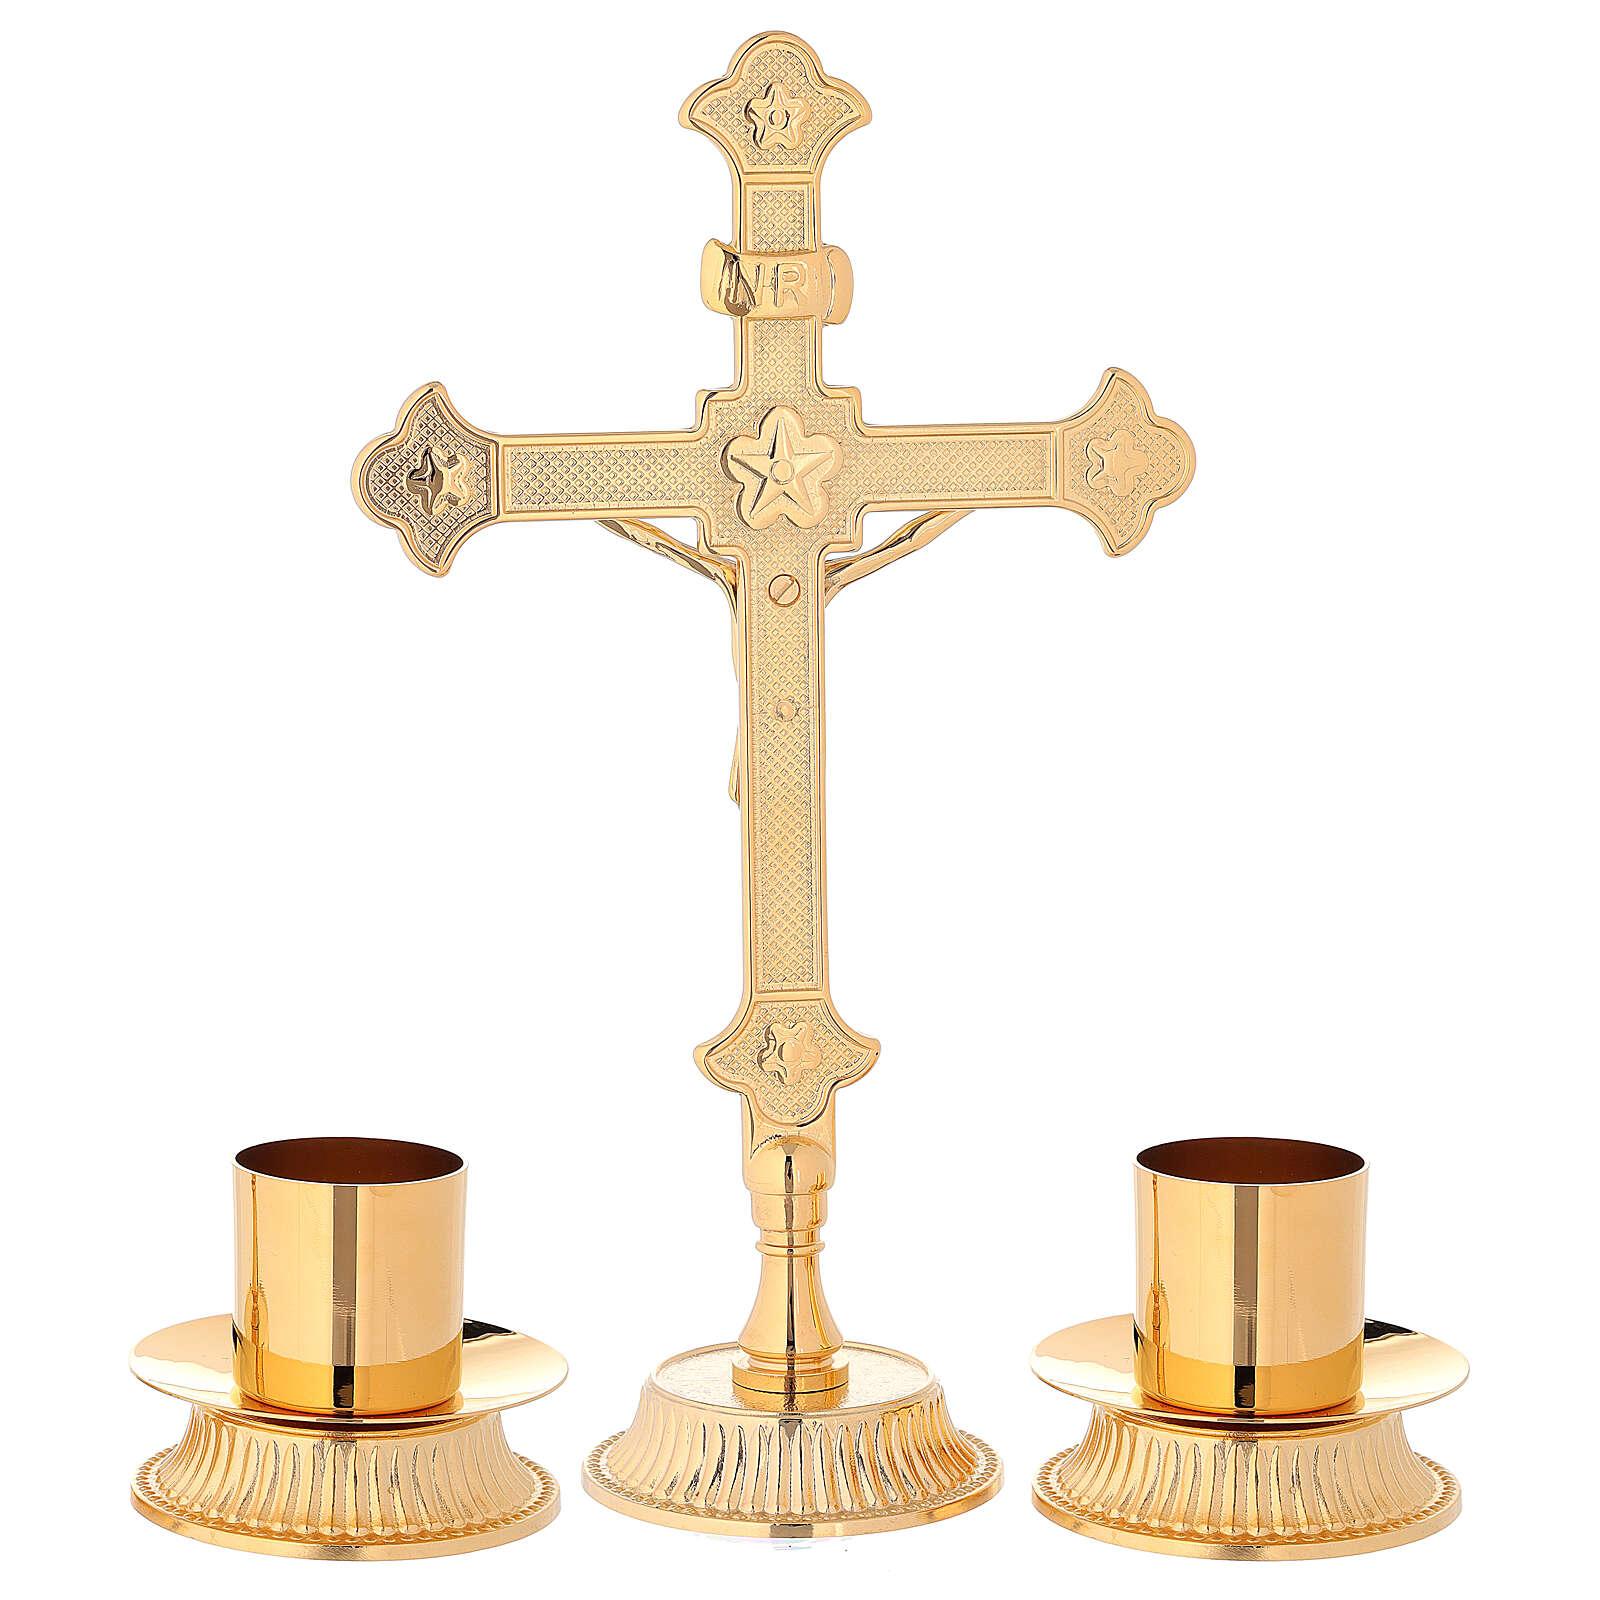 Servicio de altar cruz candeleros latón dorado 4